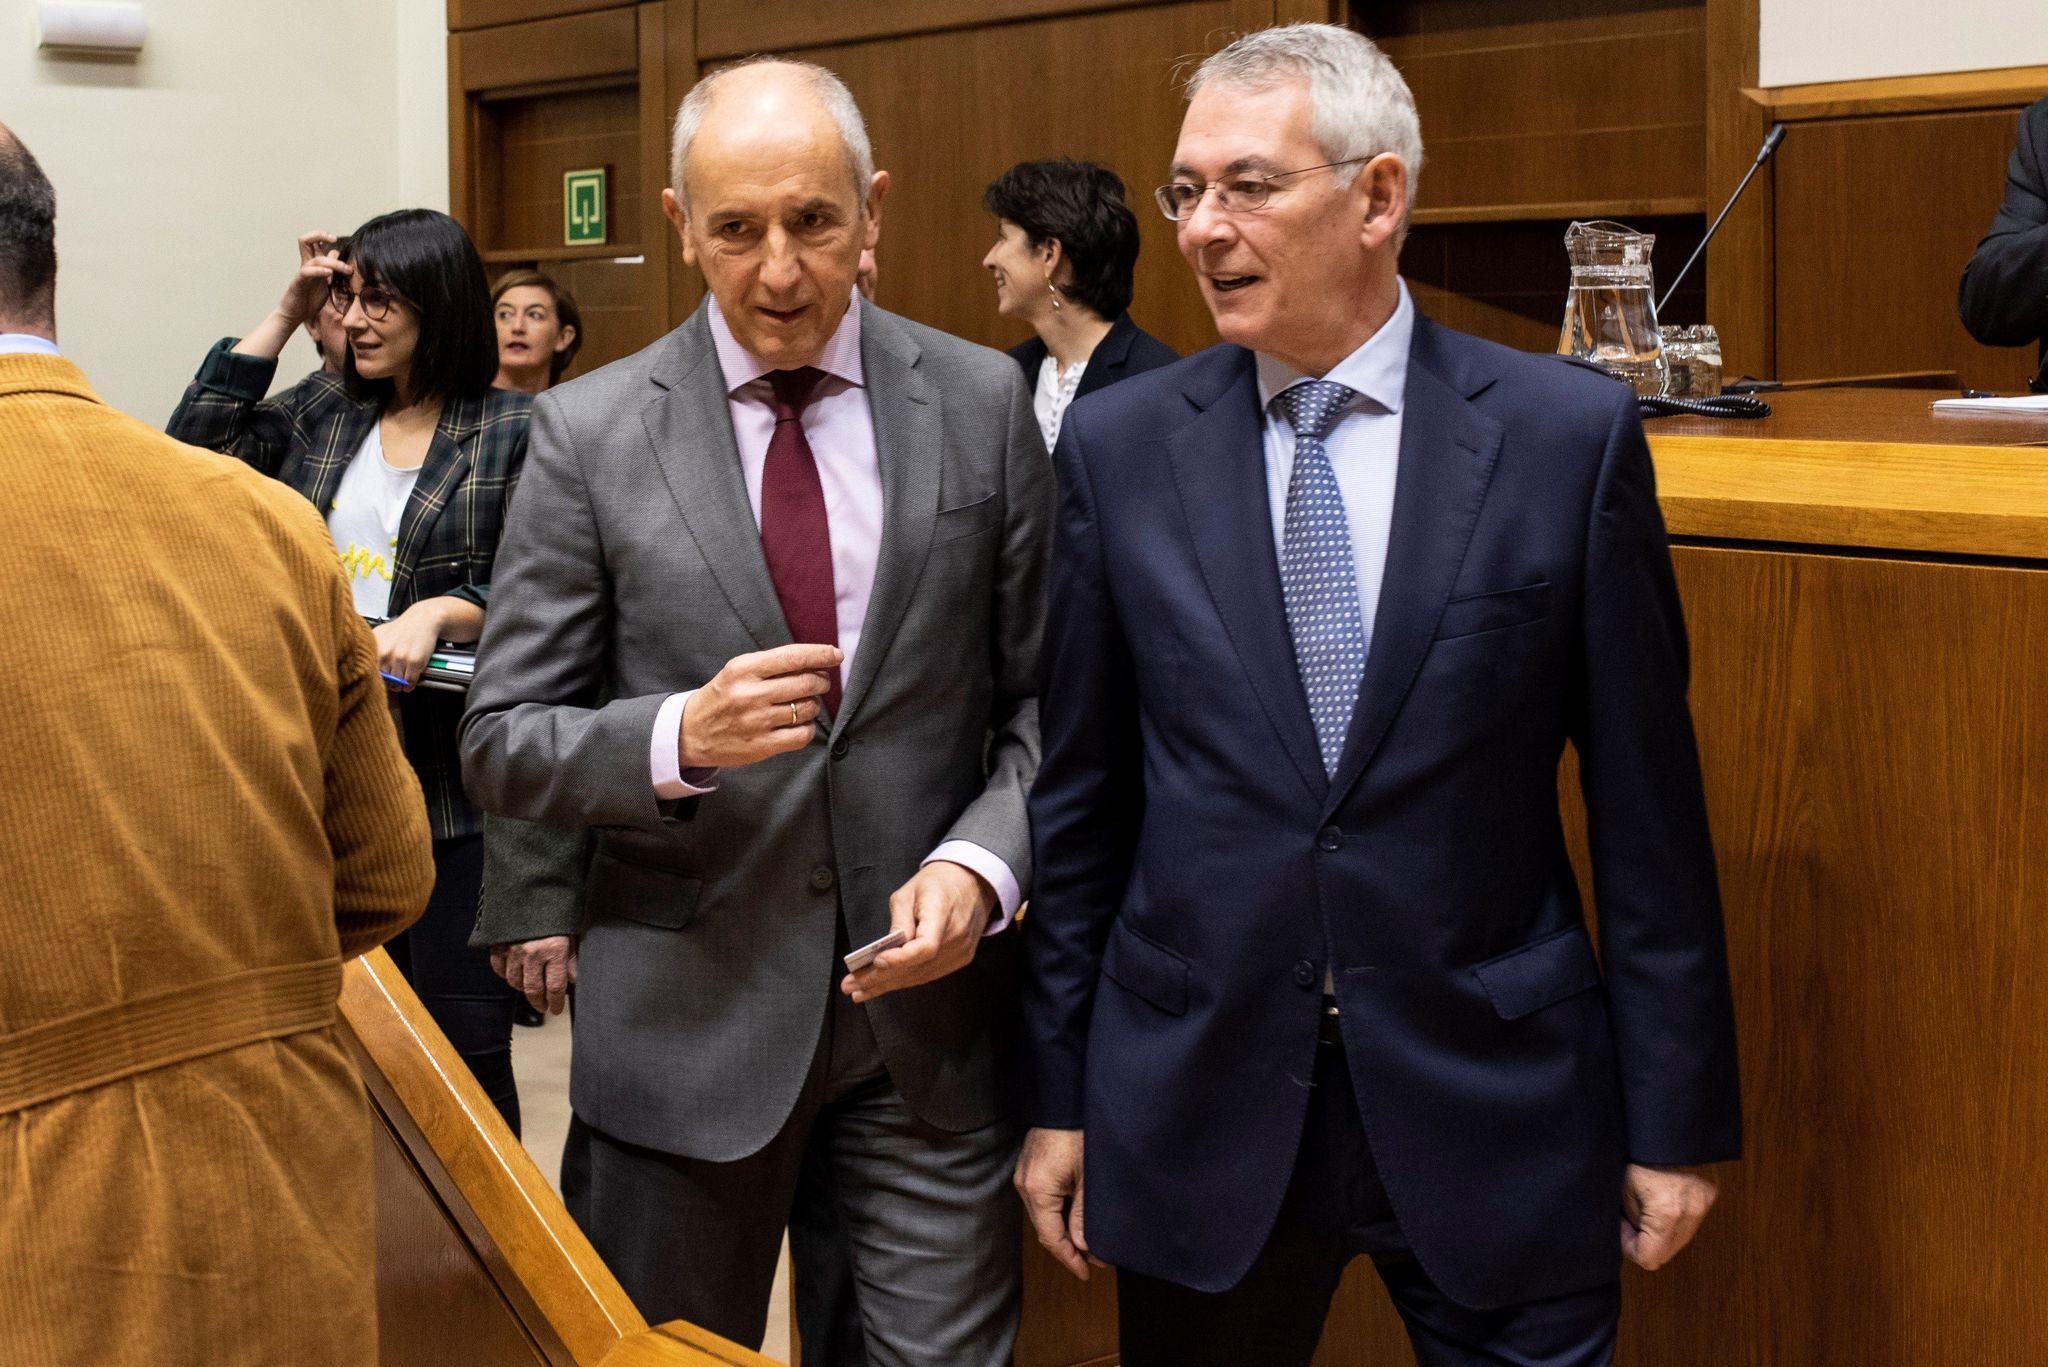 Antón Damborenea conversa con el consejero Josu Erkoreka durante el pleno del Parlamento Vasco.